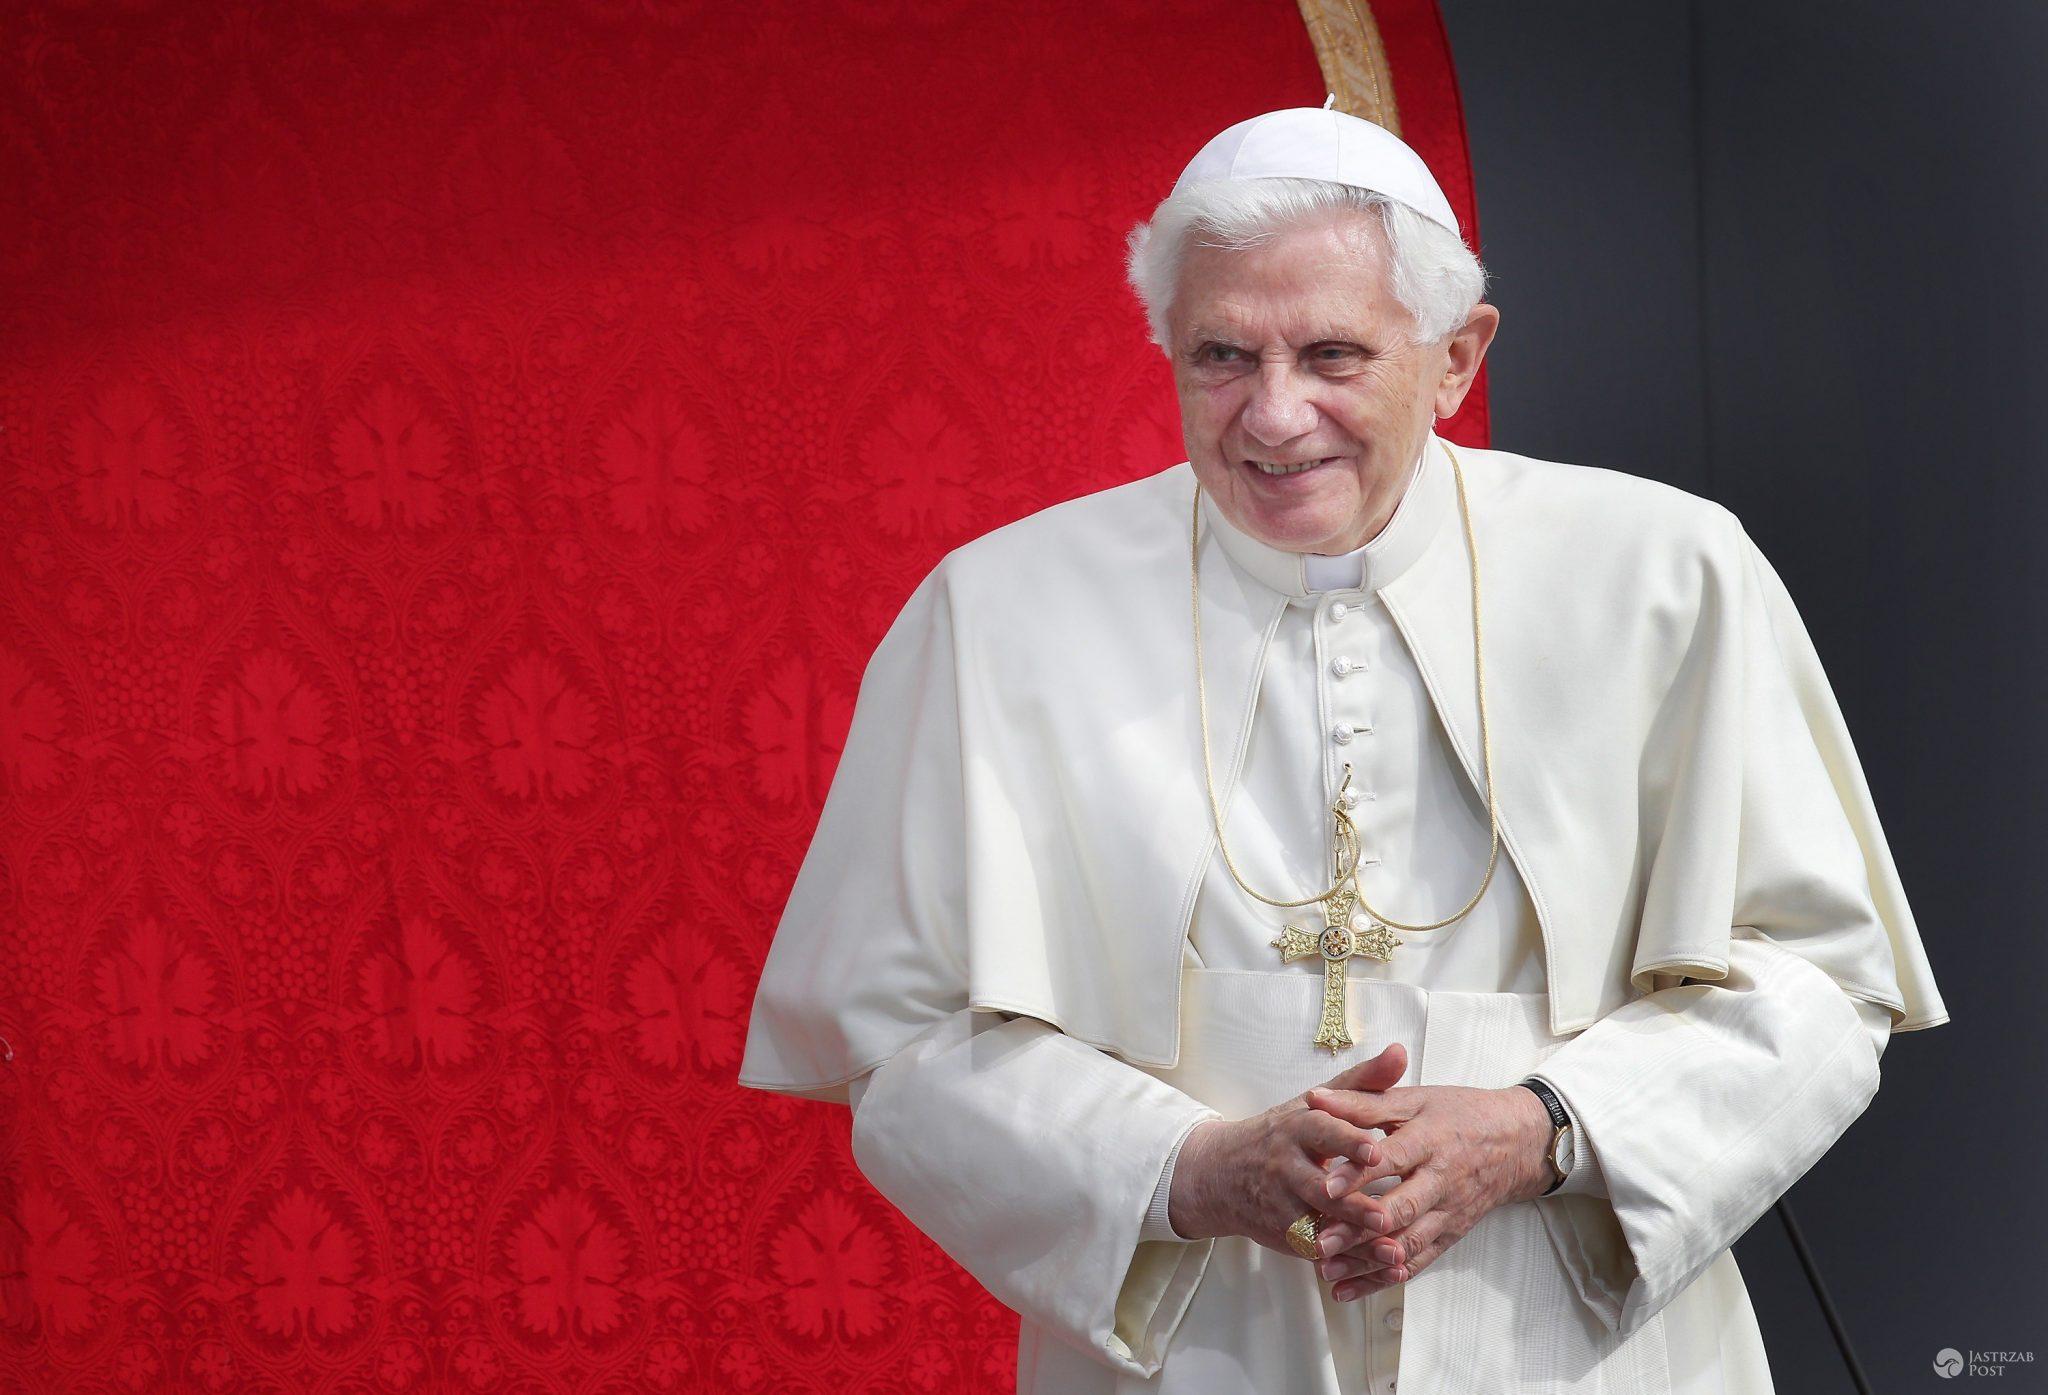 Joseph Ratzinger (papież Benedykt XVI) urodził się 16 kwietnia 1929 roku